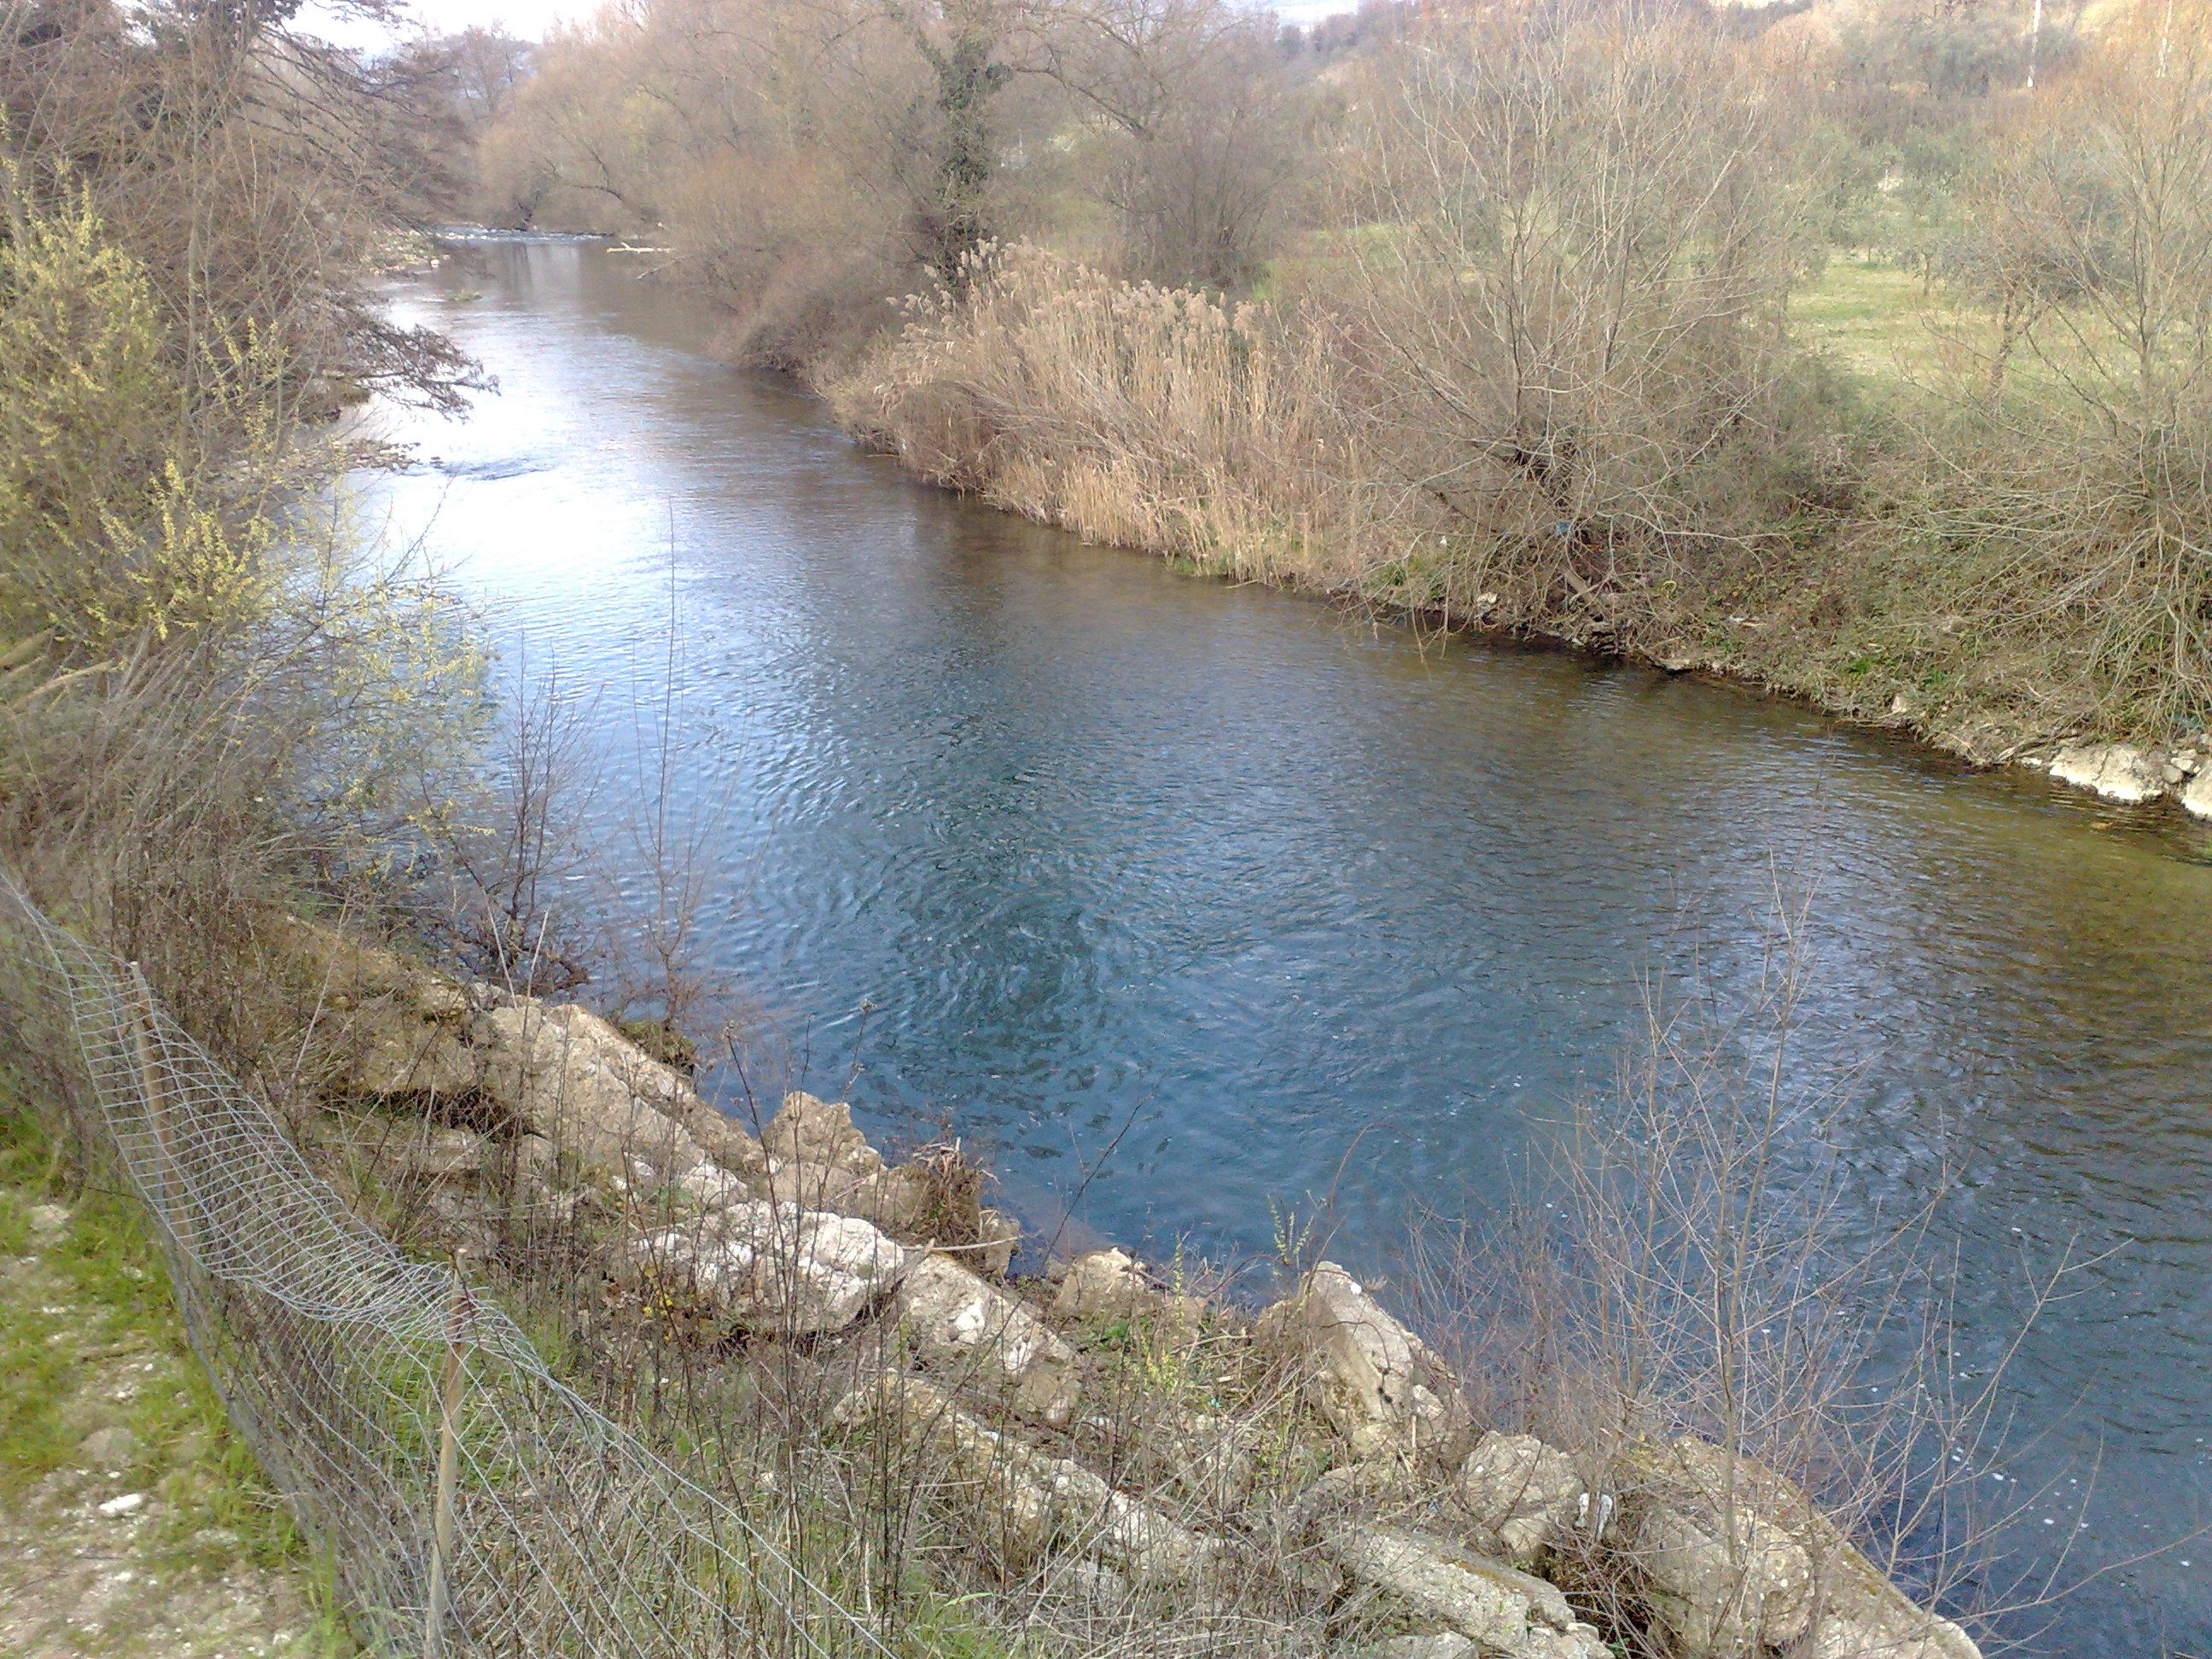 Scorcio del fiume nei pressi del Ponte degli Inglesi nel territorio di Auletta